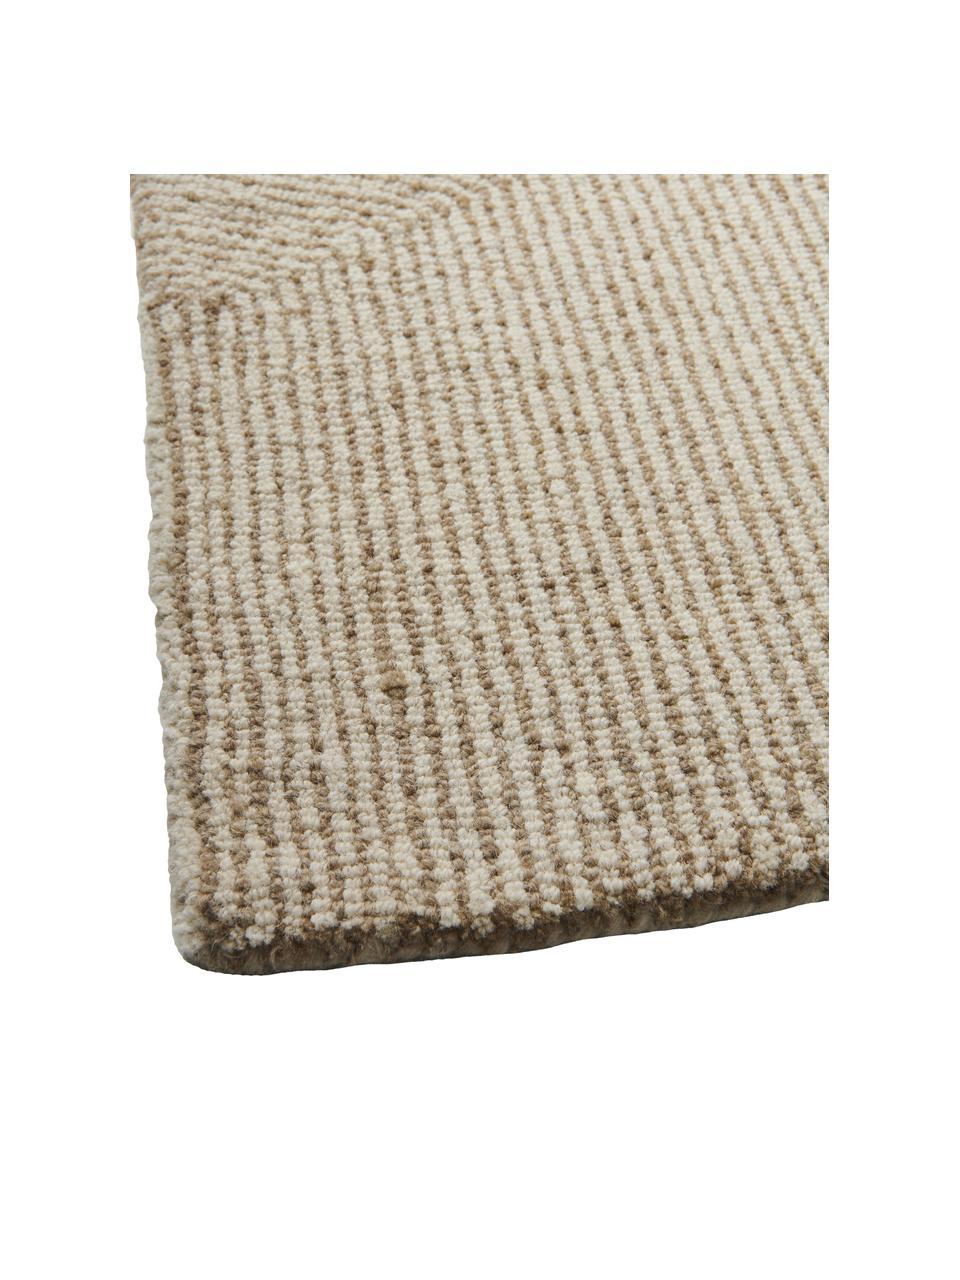 Großer handgewebter Teppich Canyon mit wellenförmiger Musterung in Beige/Weiß, 51% Polyester, 49% Wolle, Beige, B 200 x L 300 cm (Größe L)